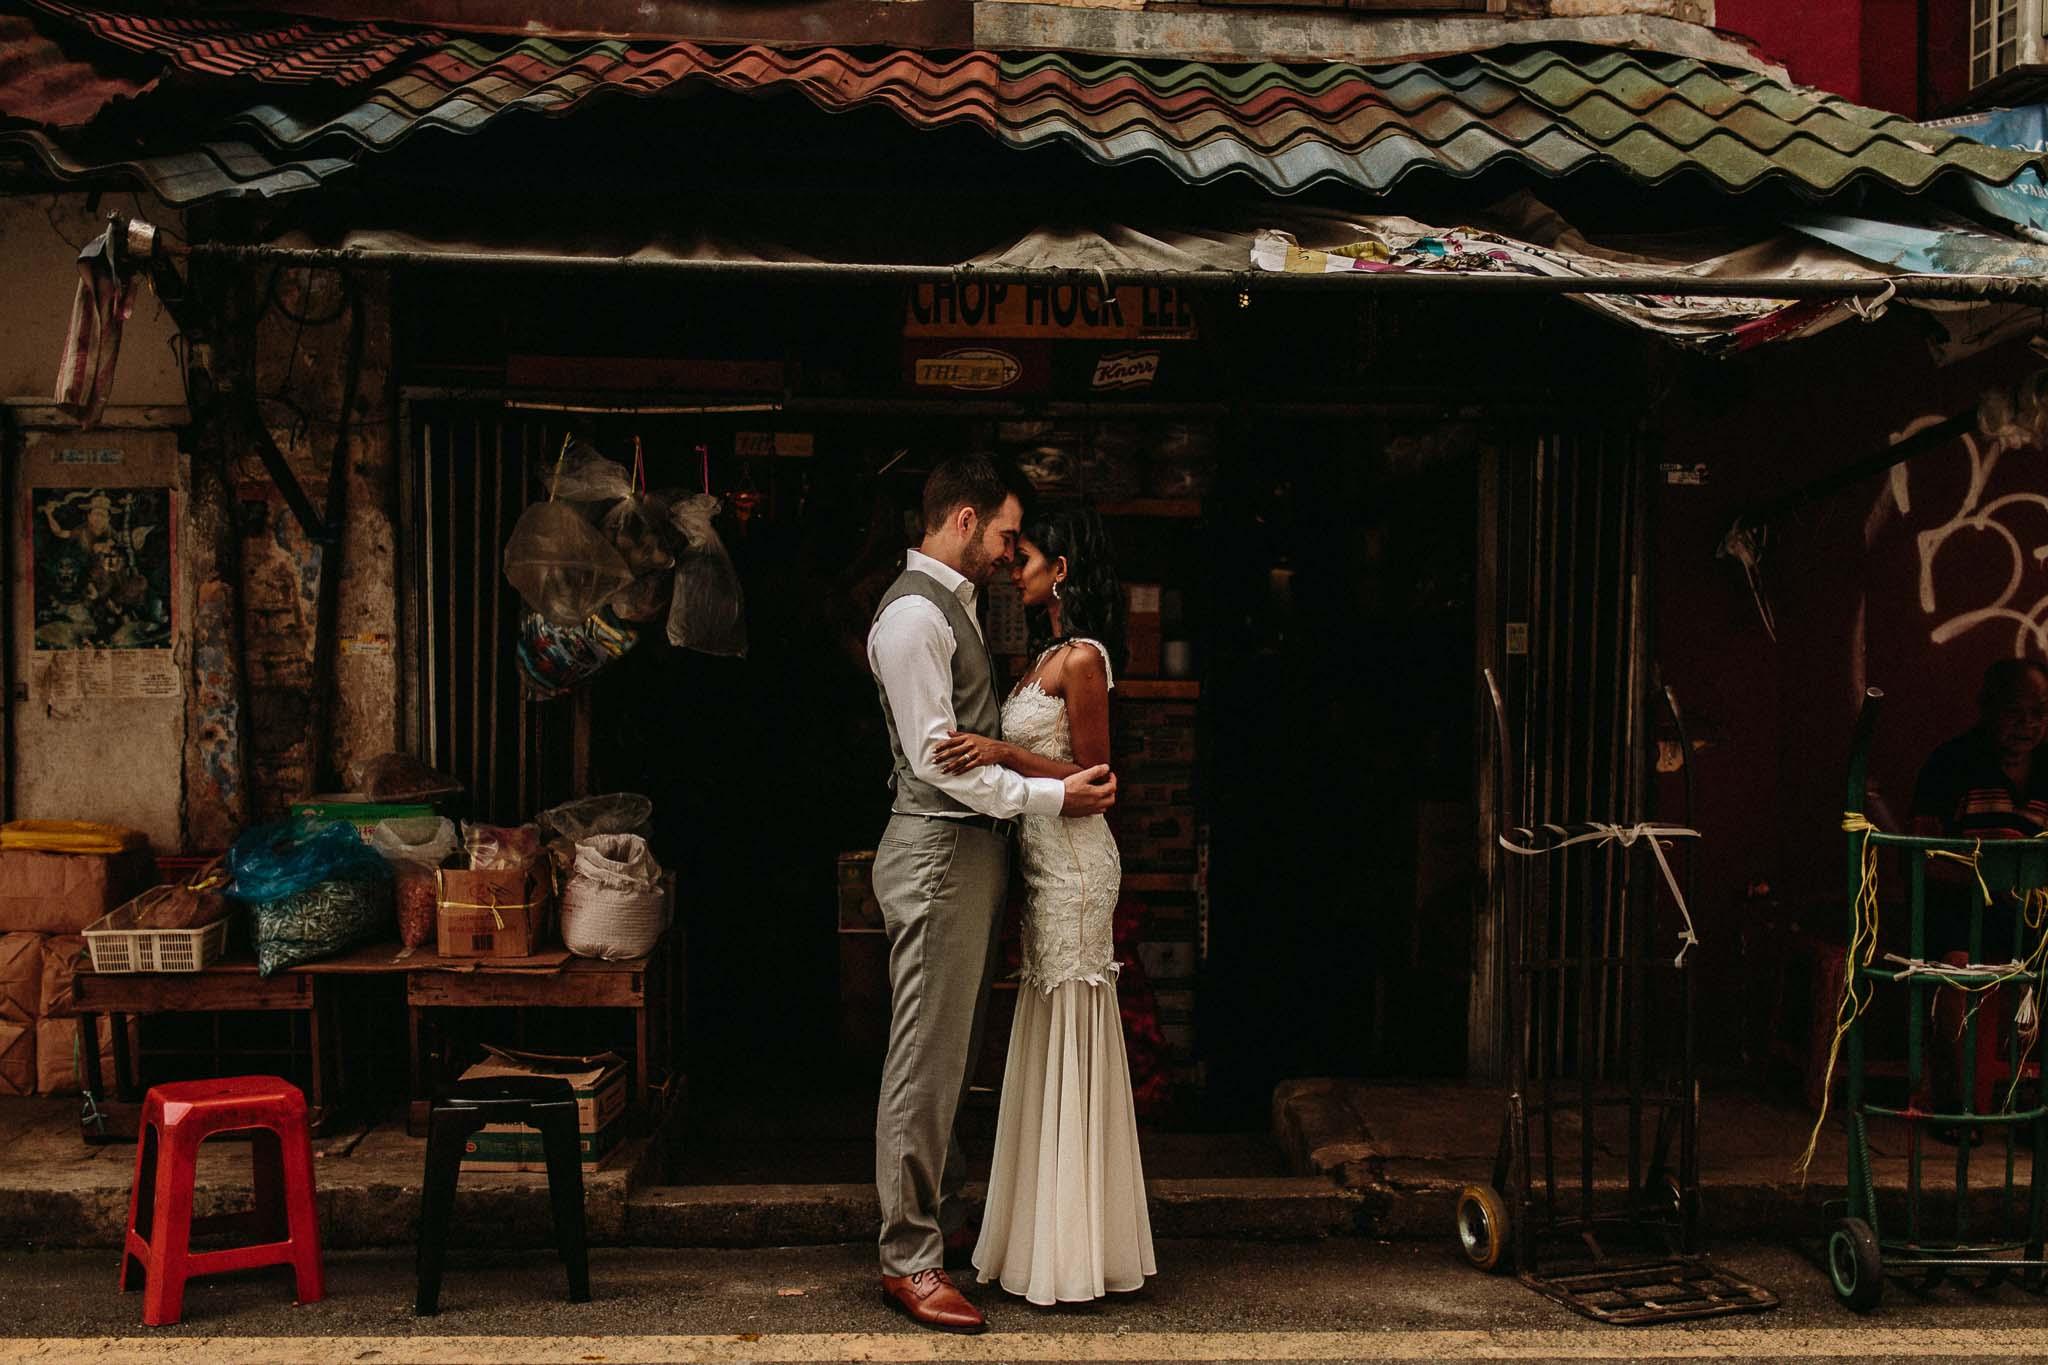 u&m-weddingsbyqay-lovesession-destinationweddingphotographer (99 of 160).jpg